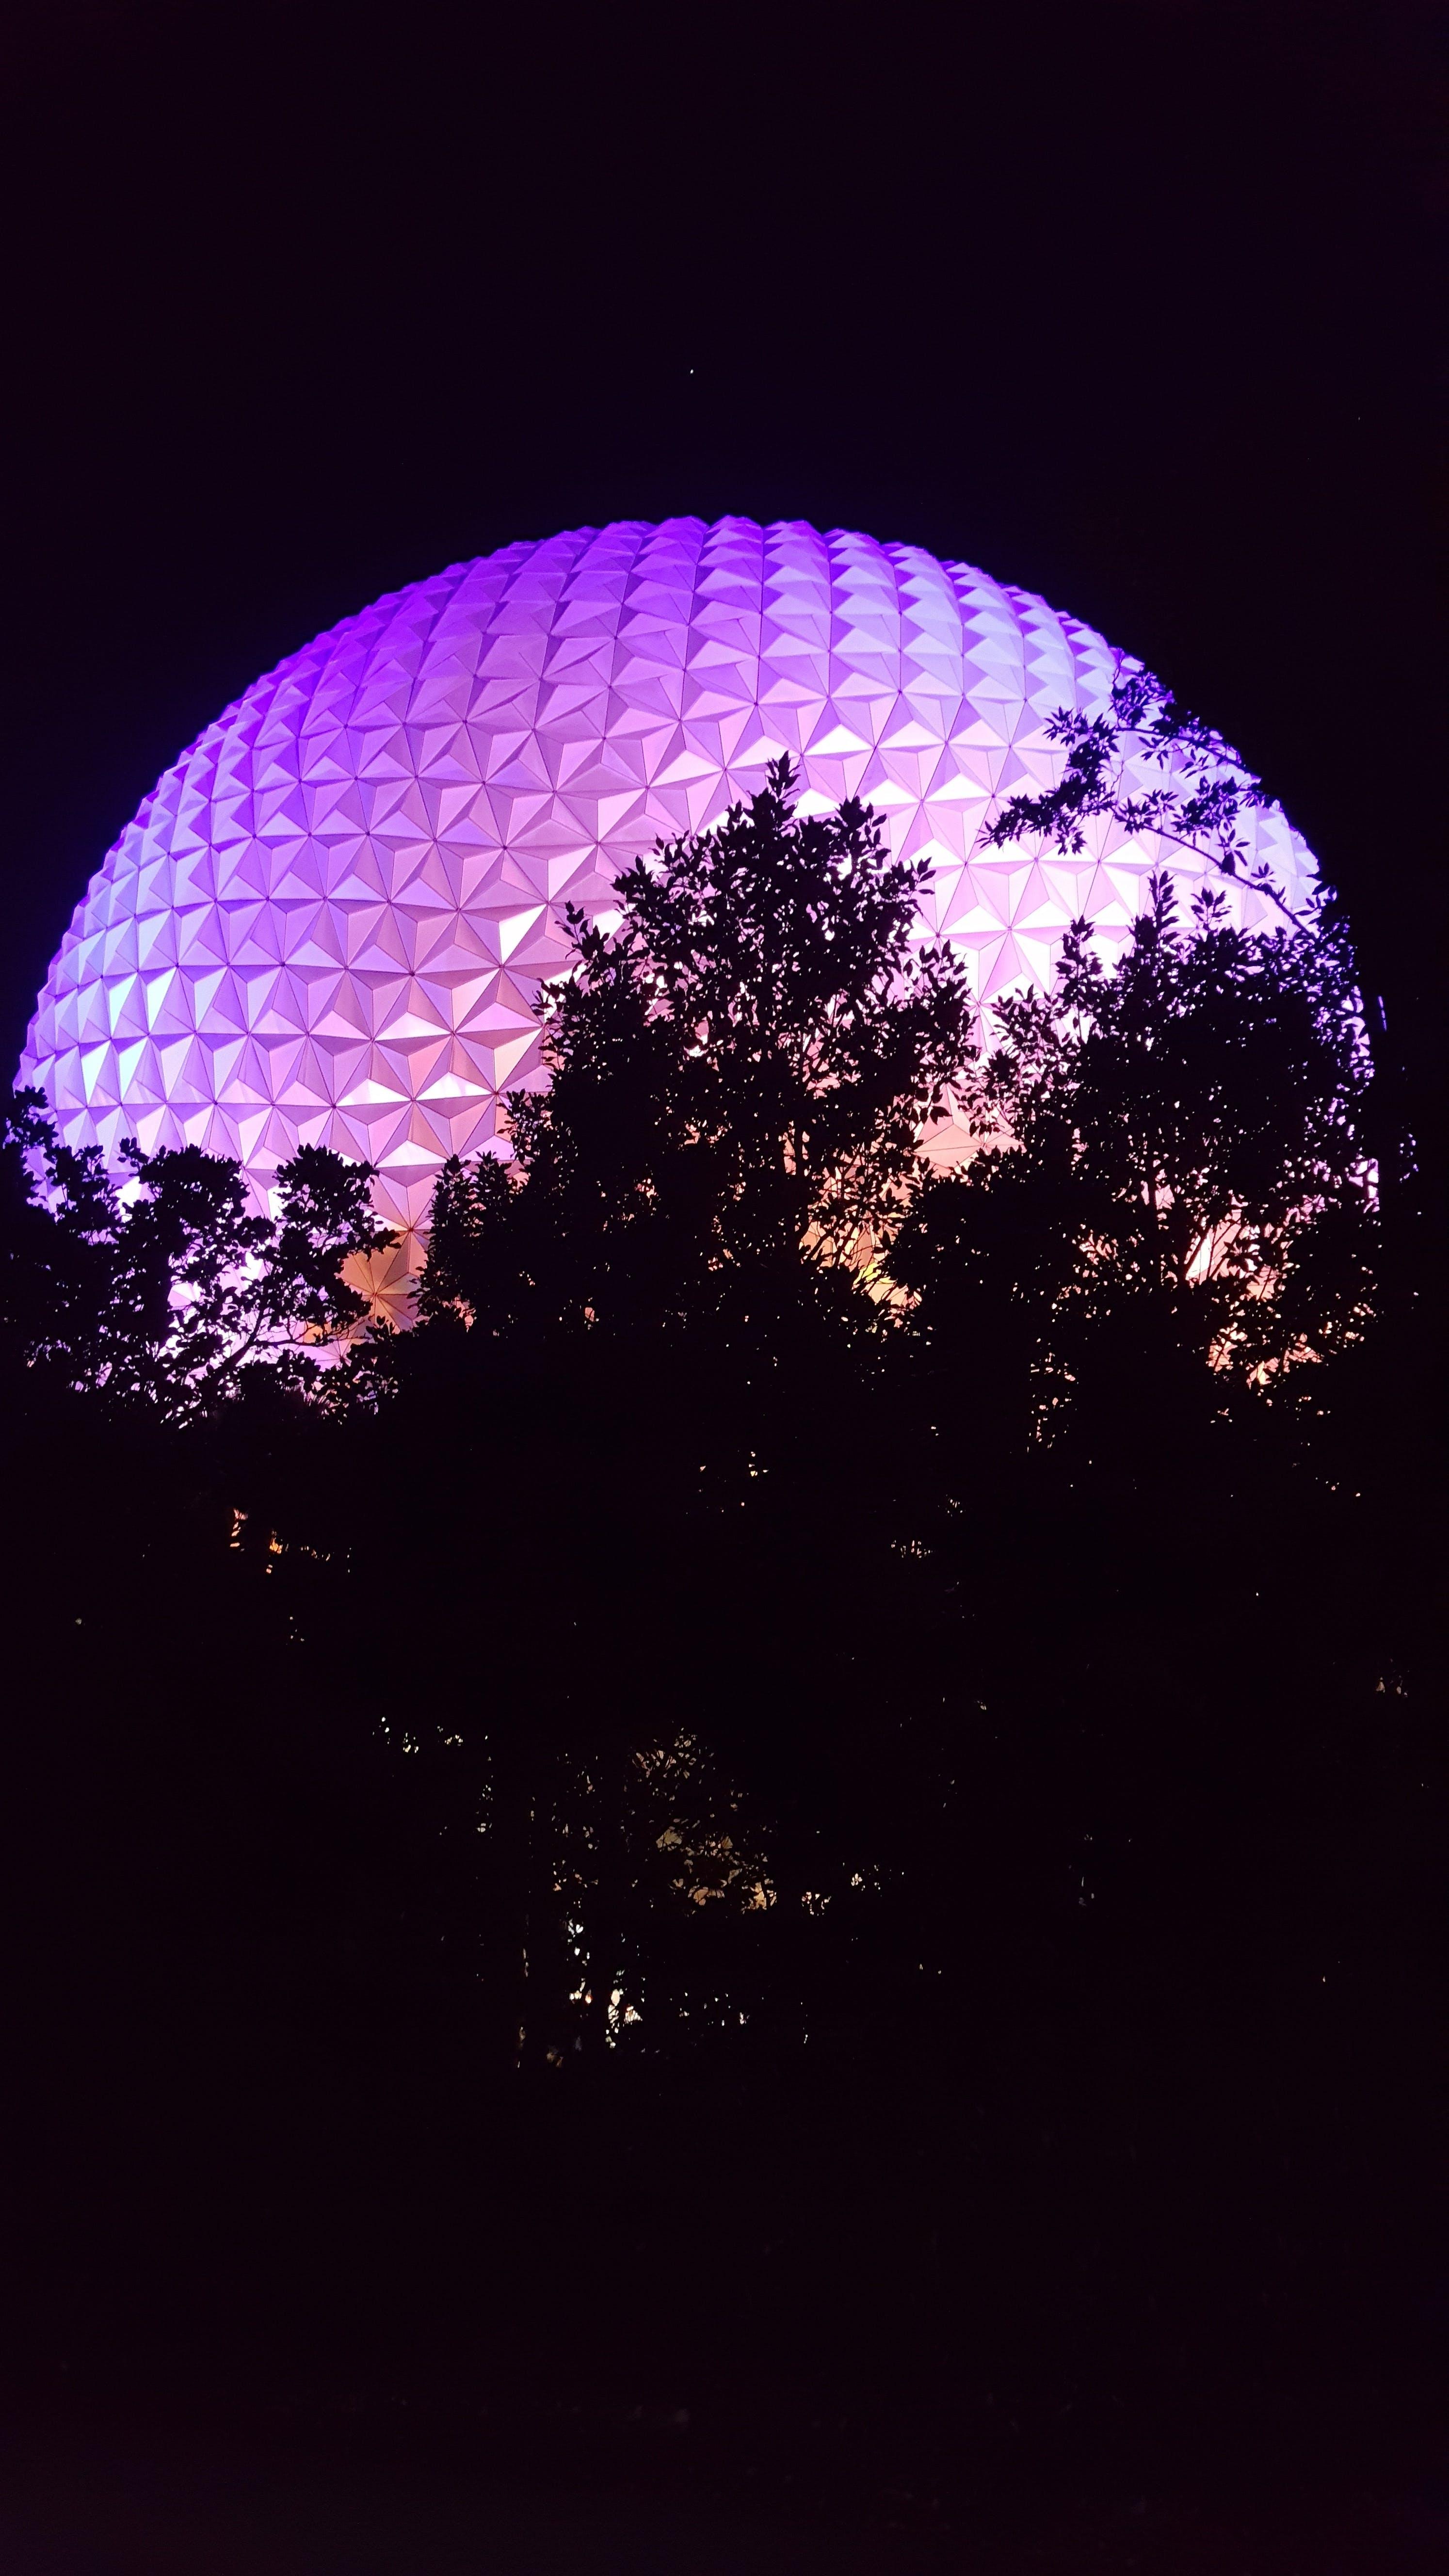 Free stock photo of theme landmarks